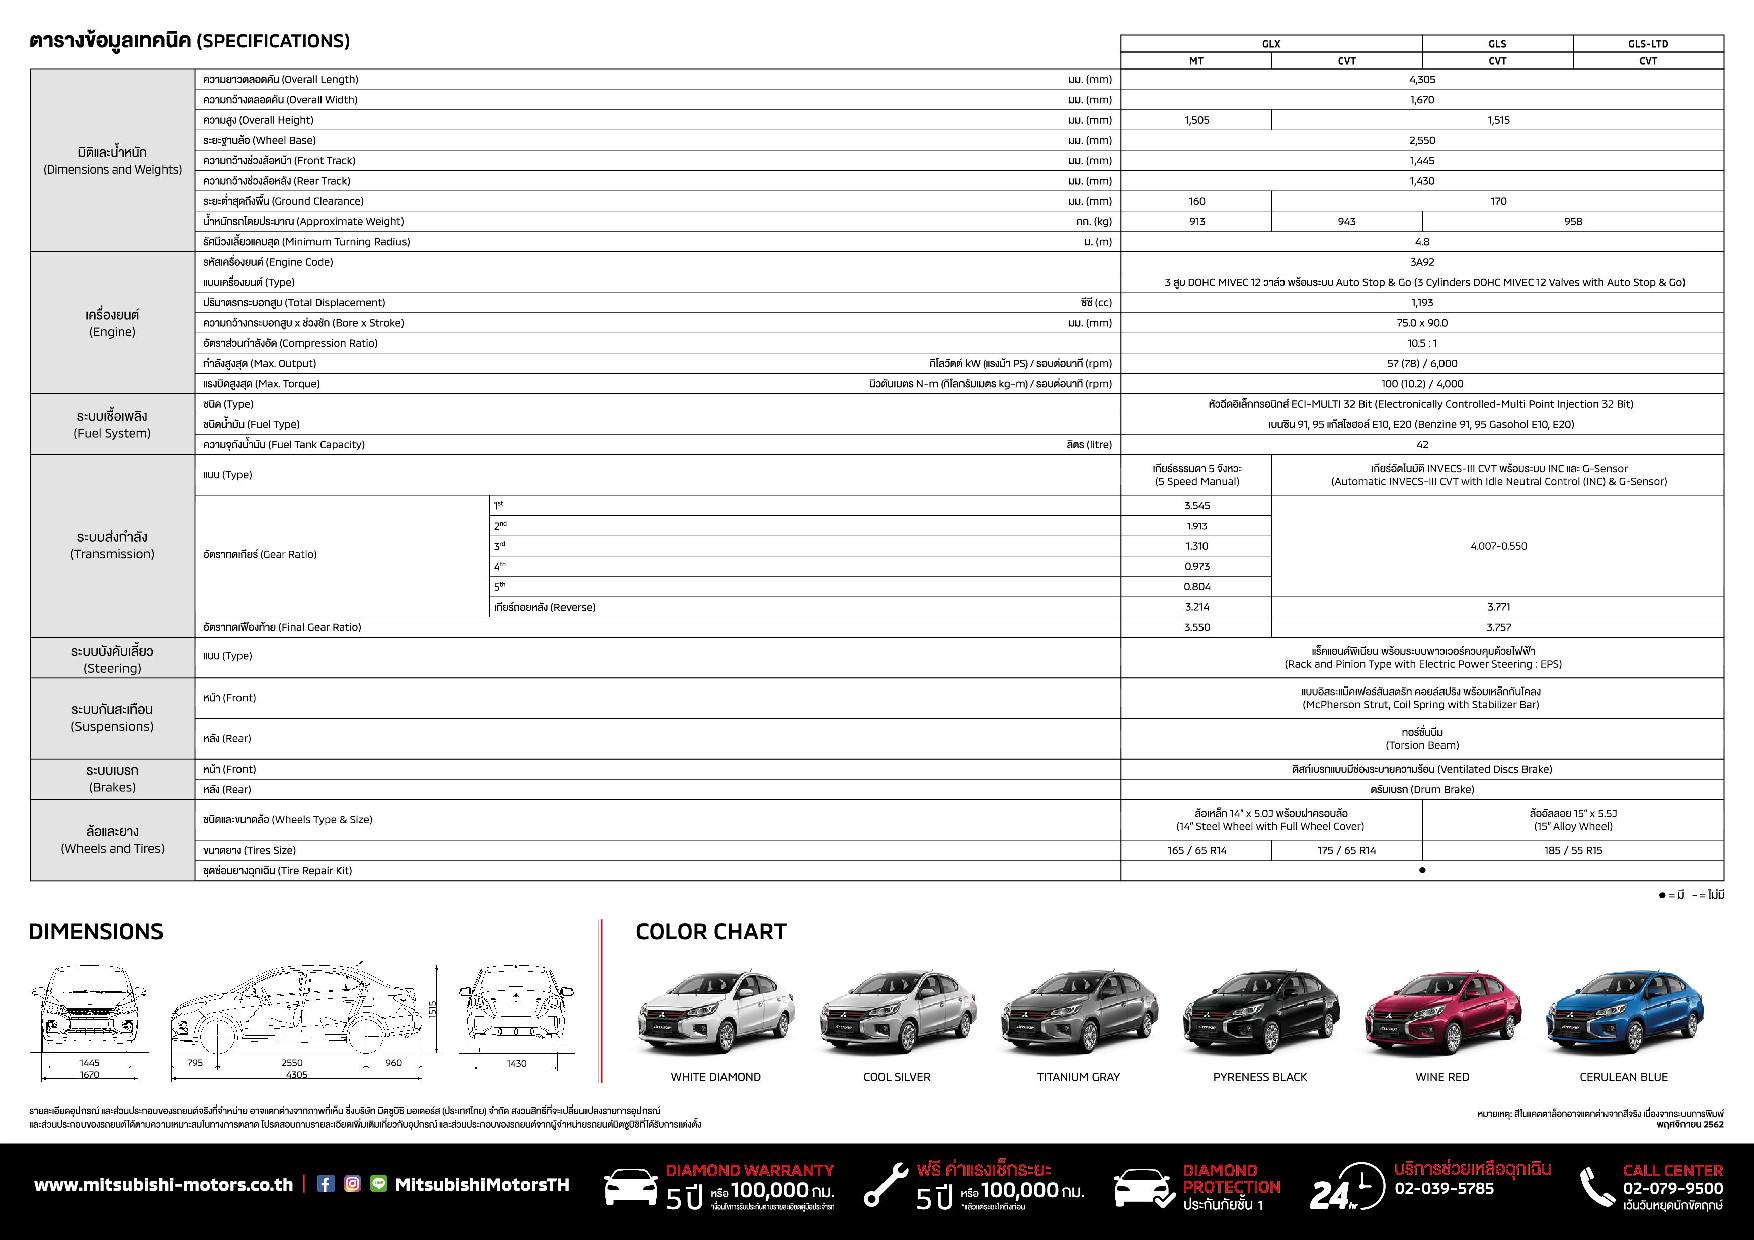 brochure (1)_p013.jpg